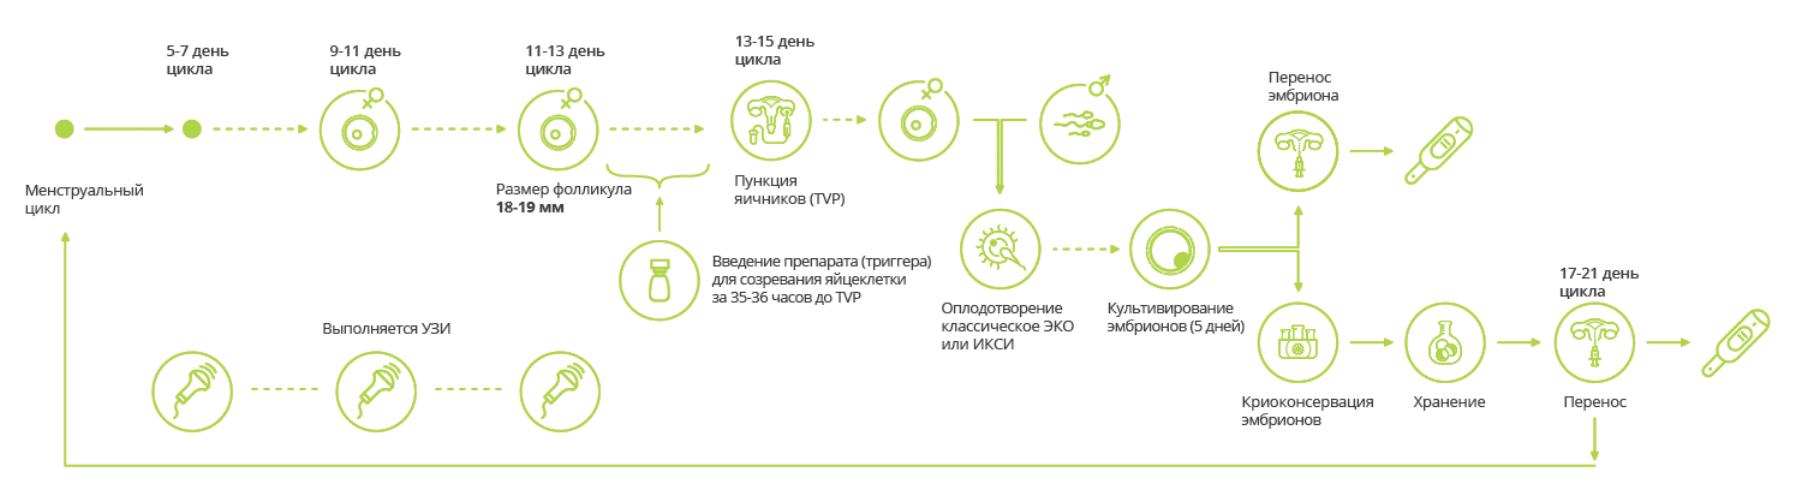 протокол эко в естественном цикле